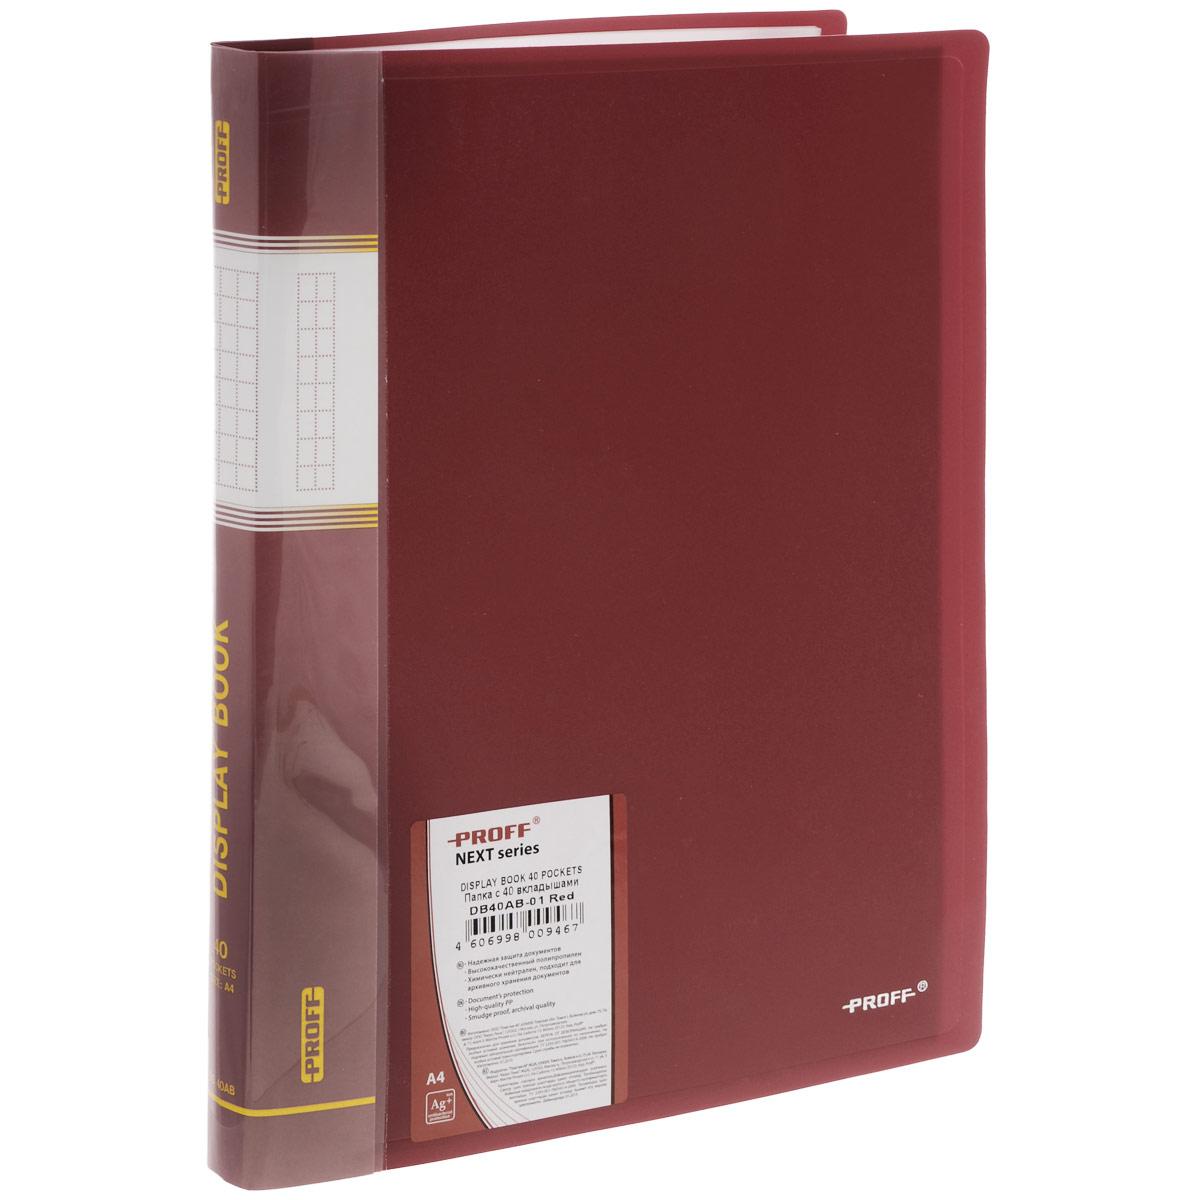 Папка с файлами Proff Next, 40 листов, цвет: красный. Формат А4 фасад ф 60 аура для корпусов т 60 п 60 шампань